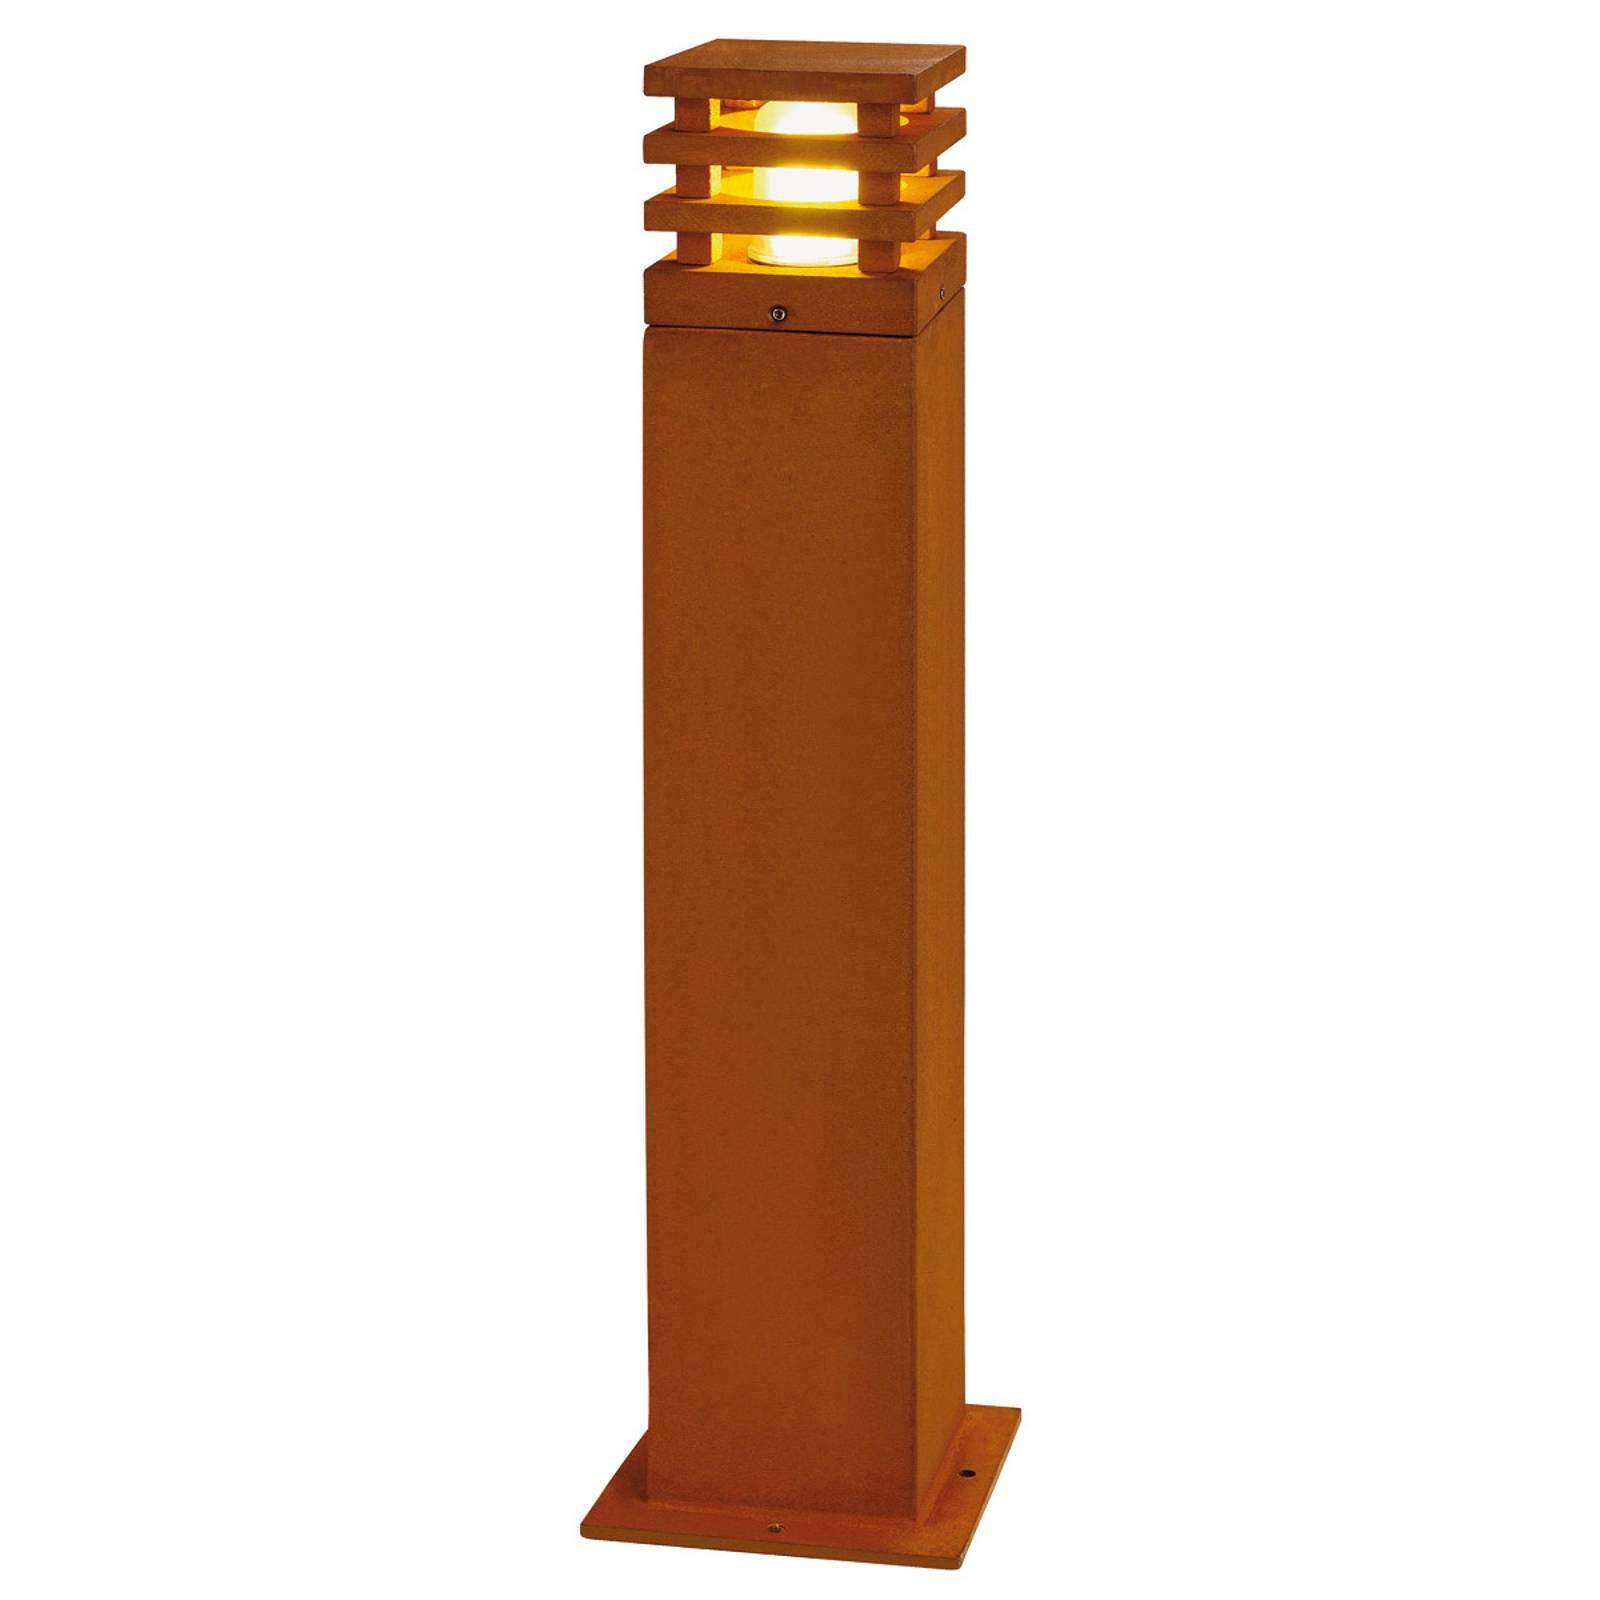 SLV Rusty słupek oświetleniowy LED rdzawobrązowy